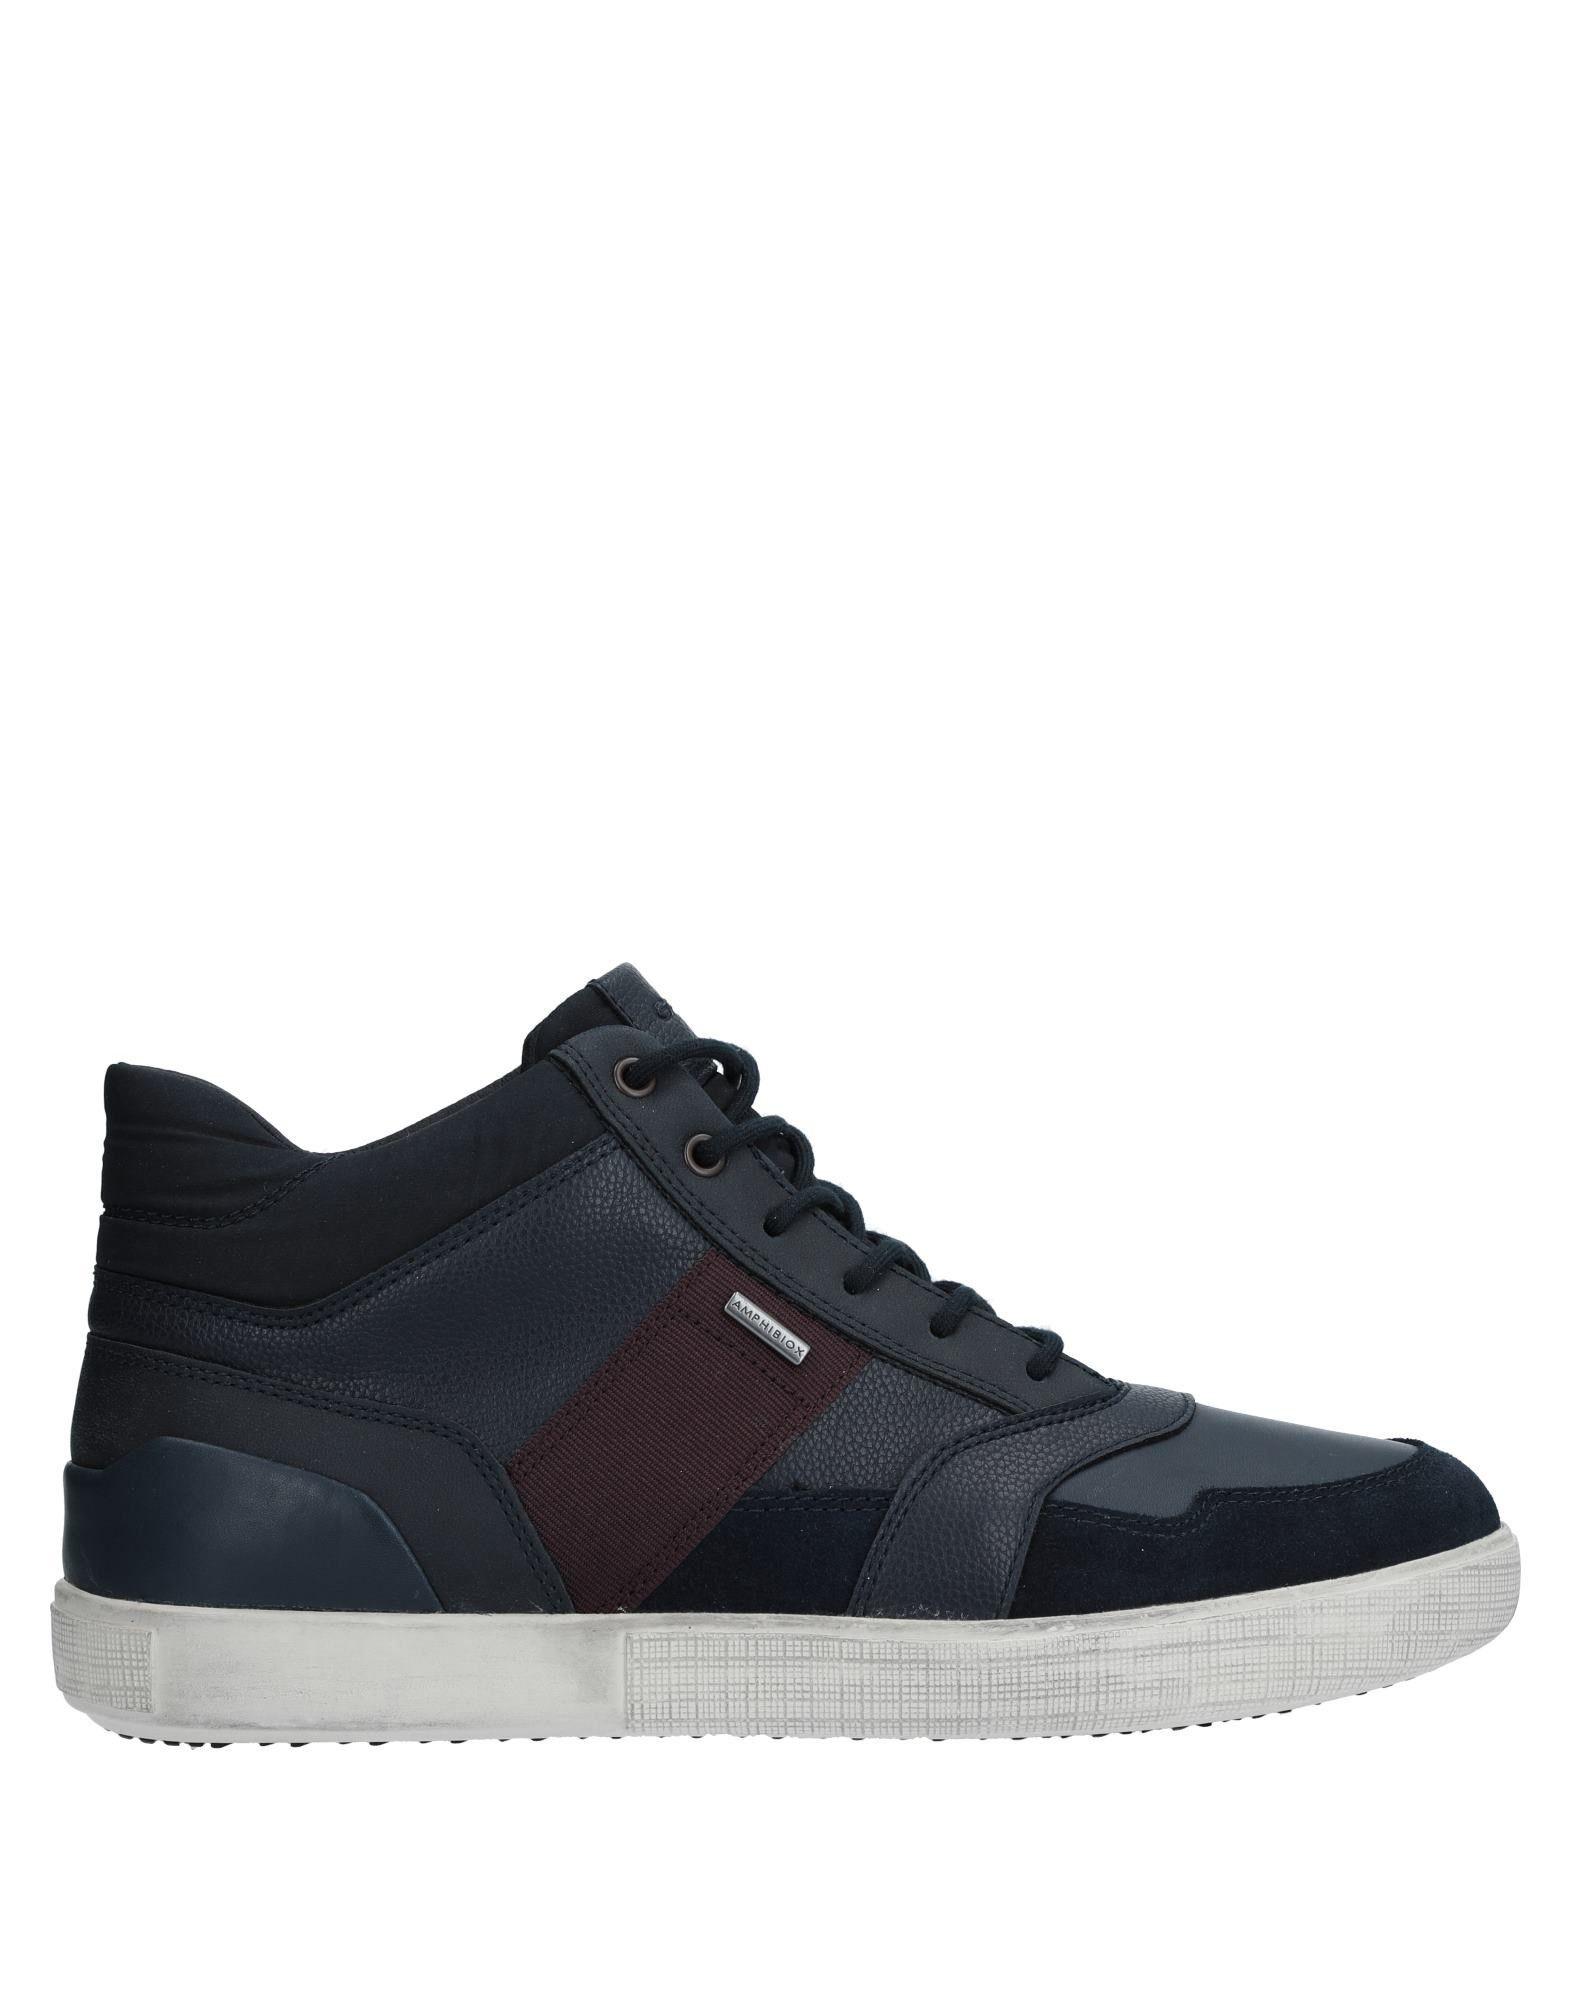 Geox Sneakers Herren  11541172AV Gute Qualität beliebte Schuhe